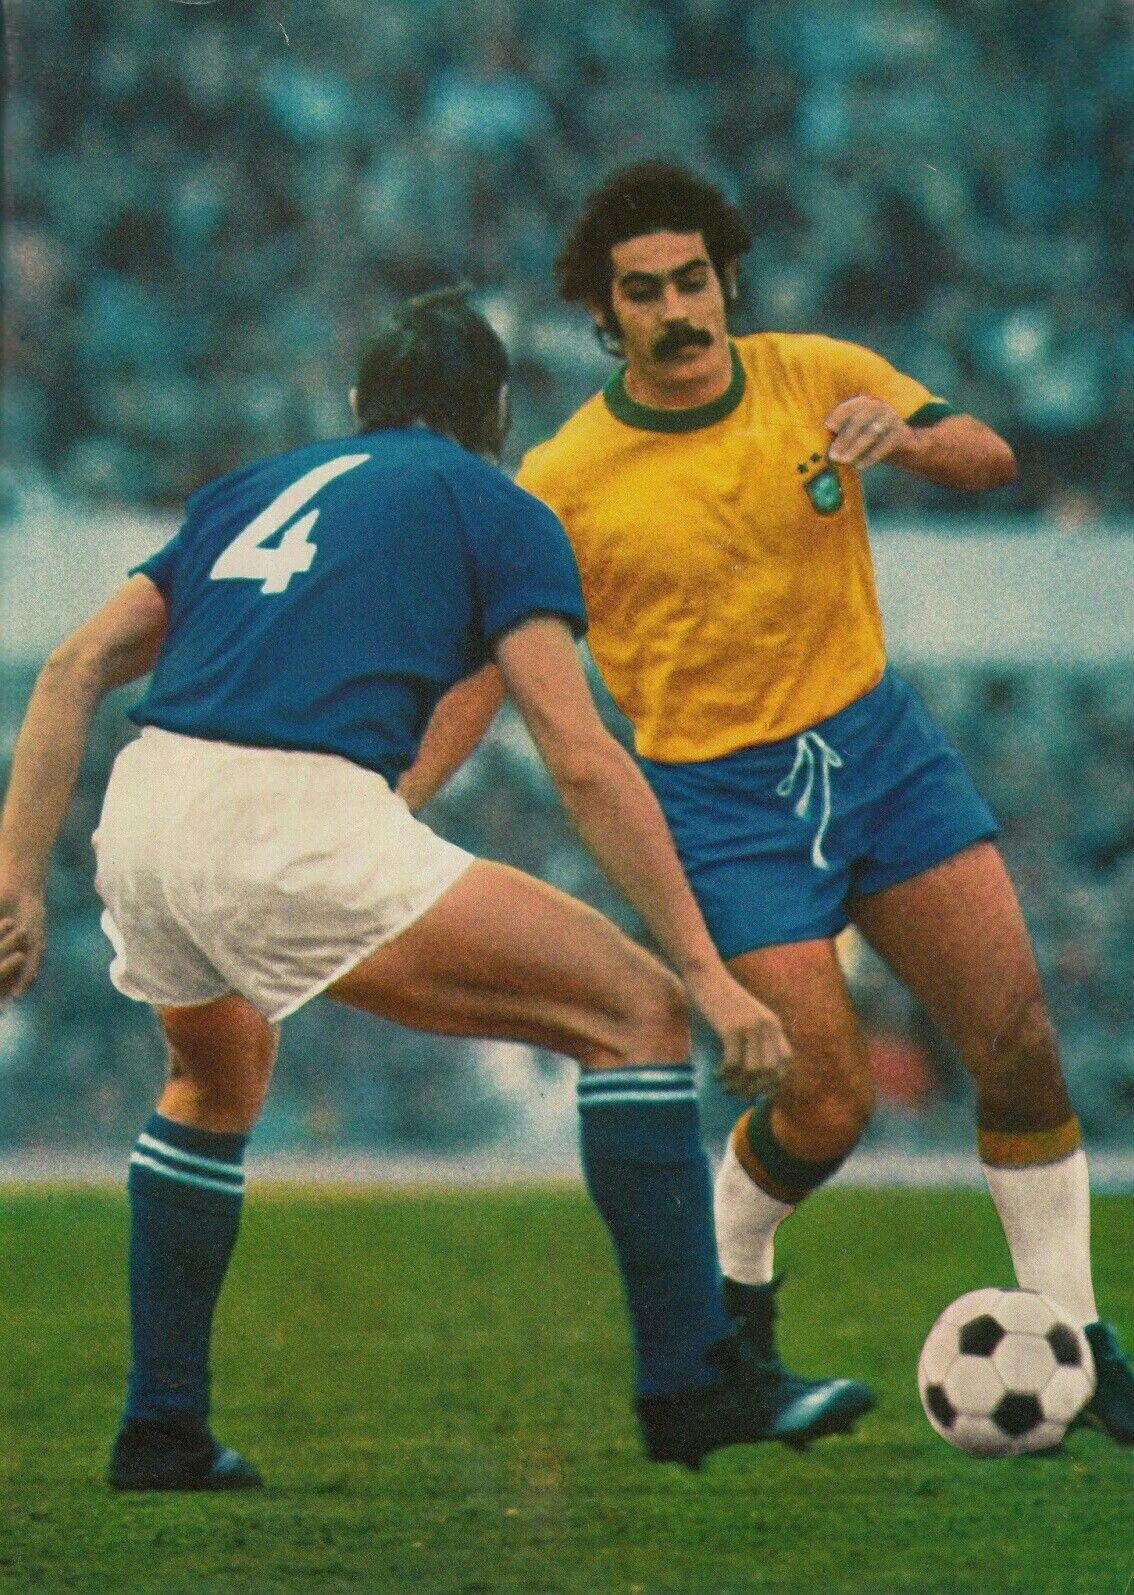 Italy 2 Brazil 0 in June 1973 in Rome Rivelino has Tarcisio